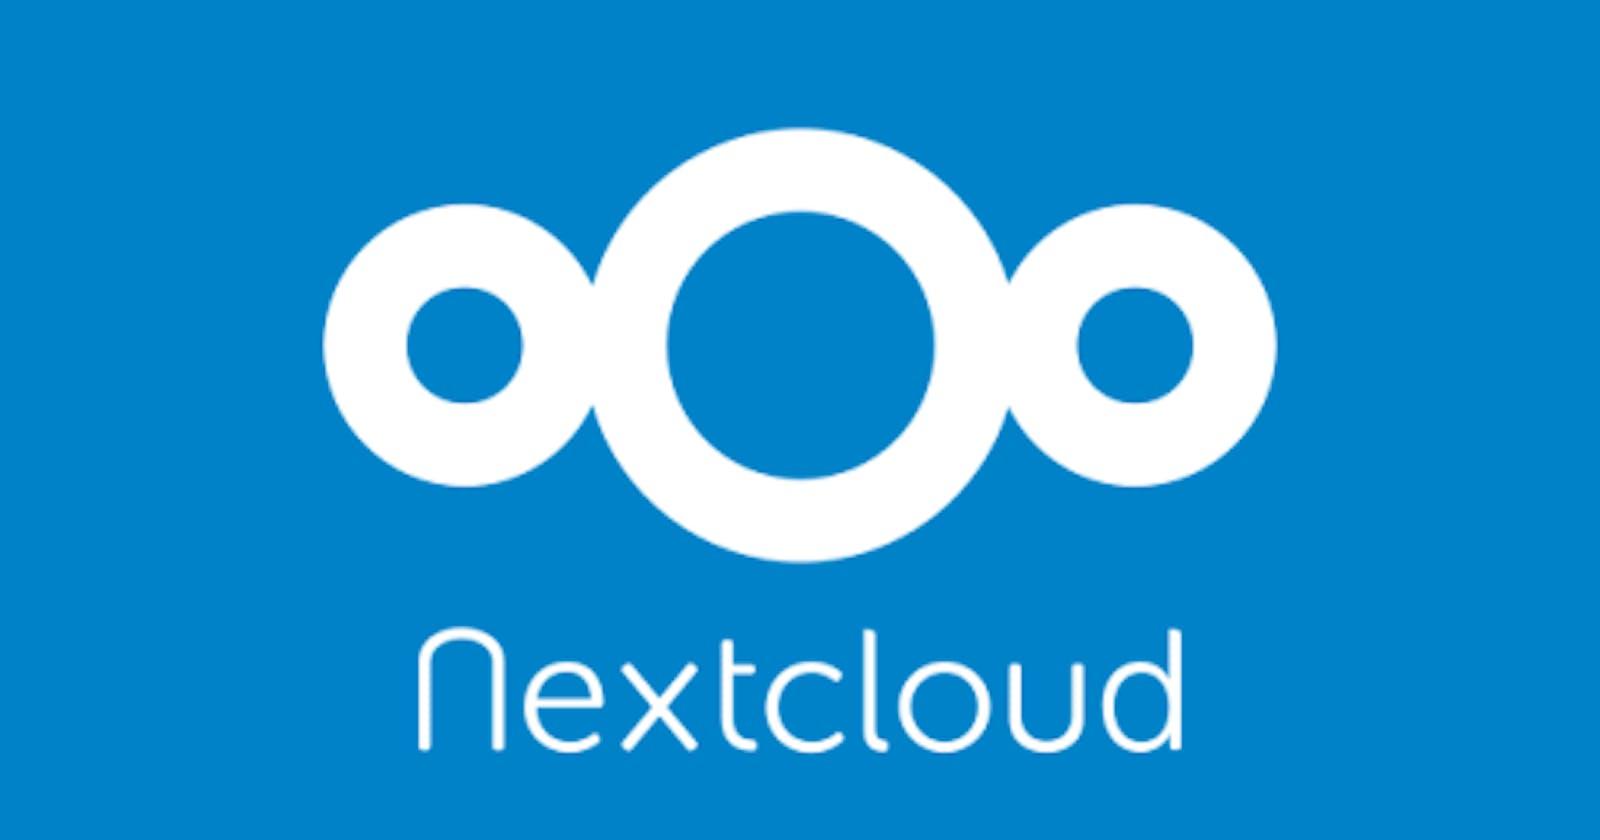 Cara membuat jail fail2ban untuk Nextcloud